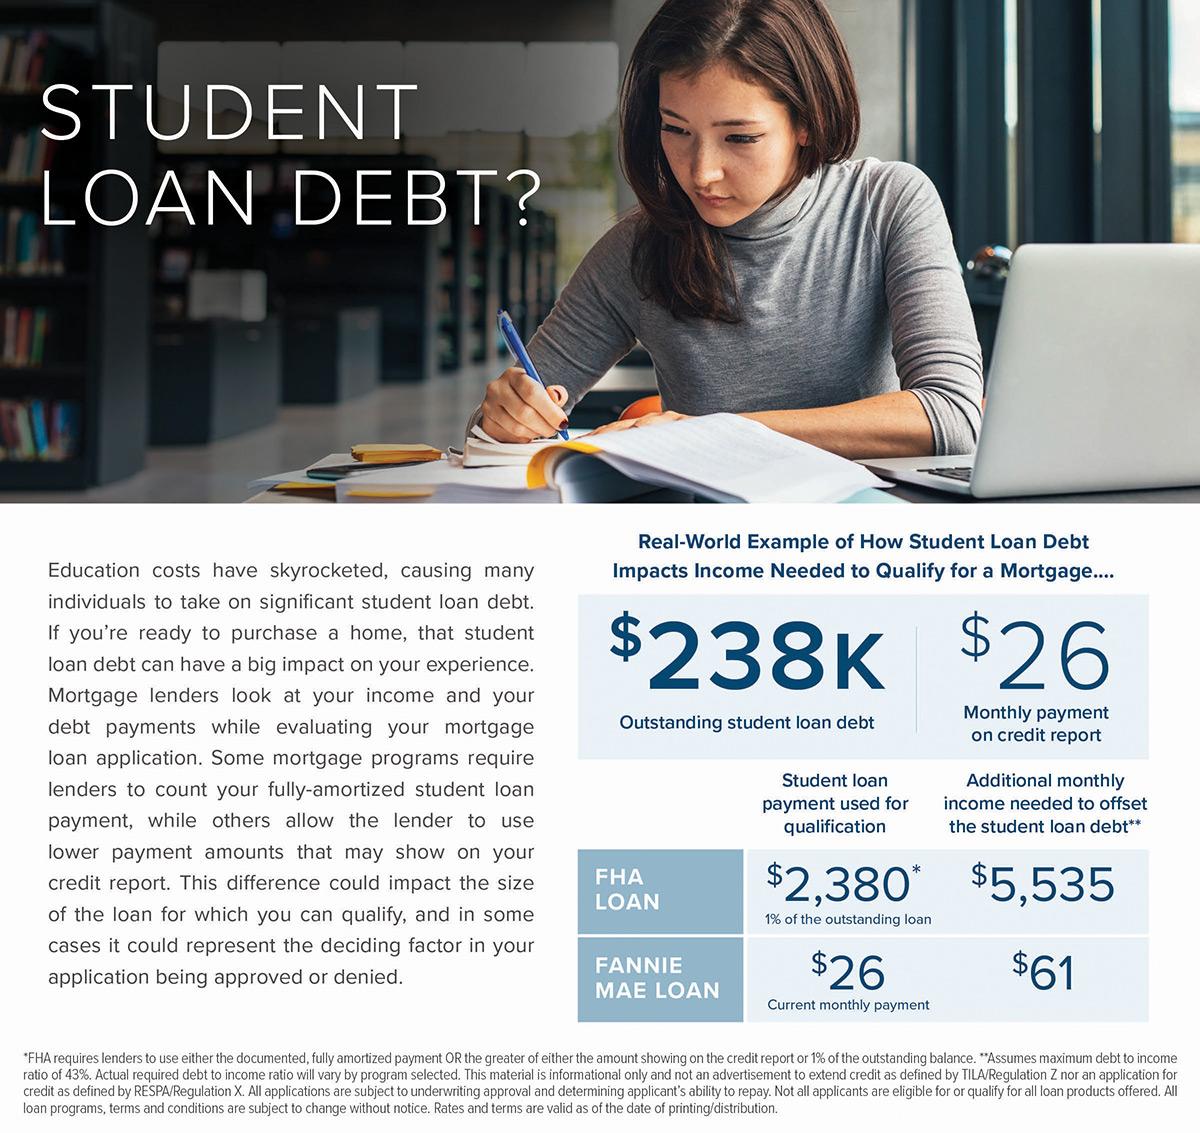 Fannie Mae - Student Loan Debt - Email.jpg